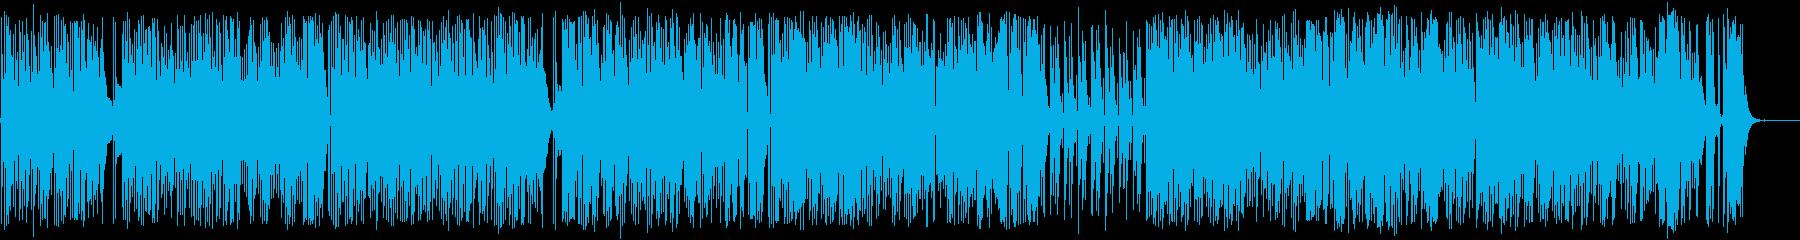 しっとりとしたナイロンギターインストの再生済みの波形